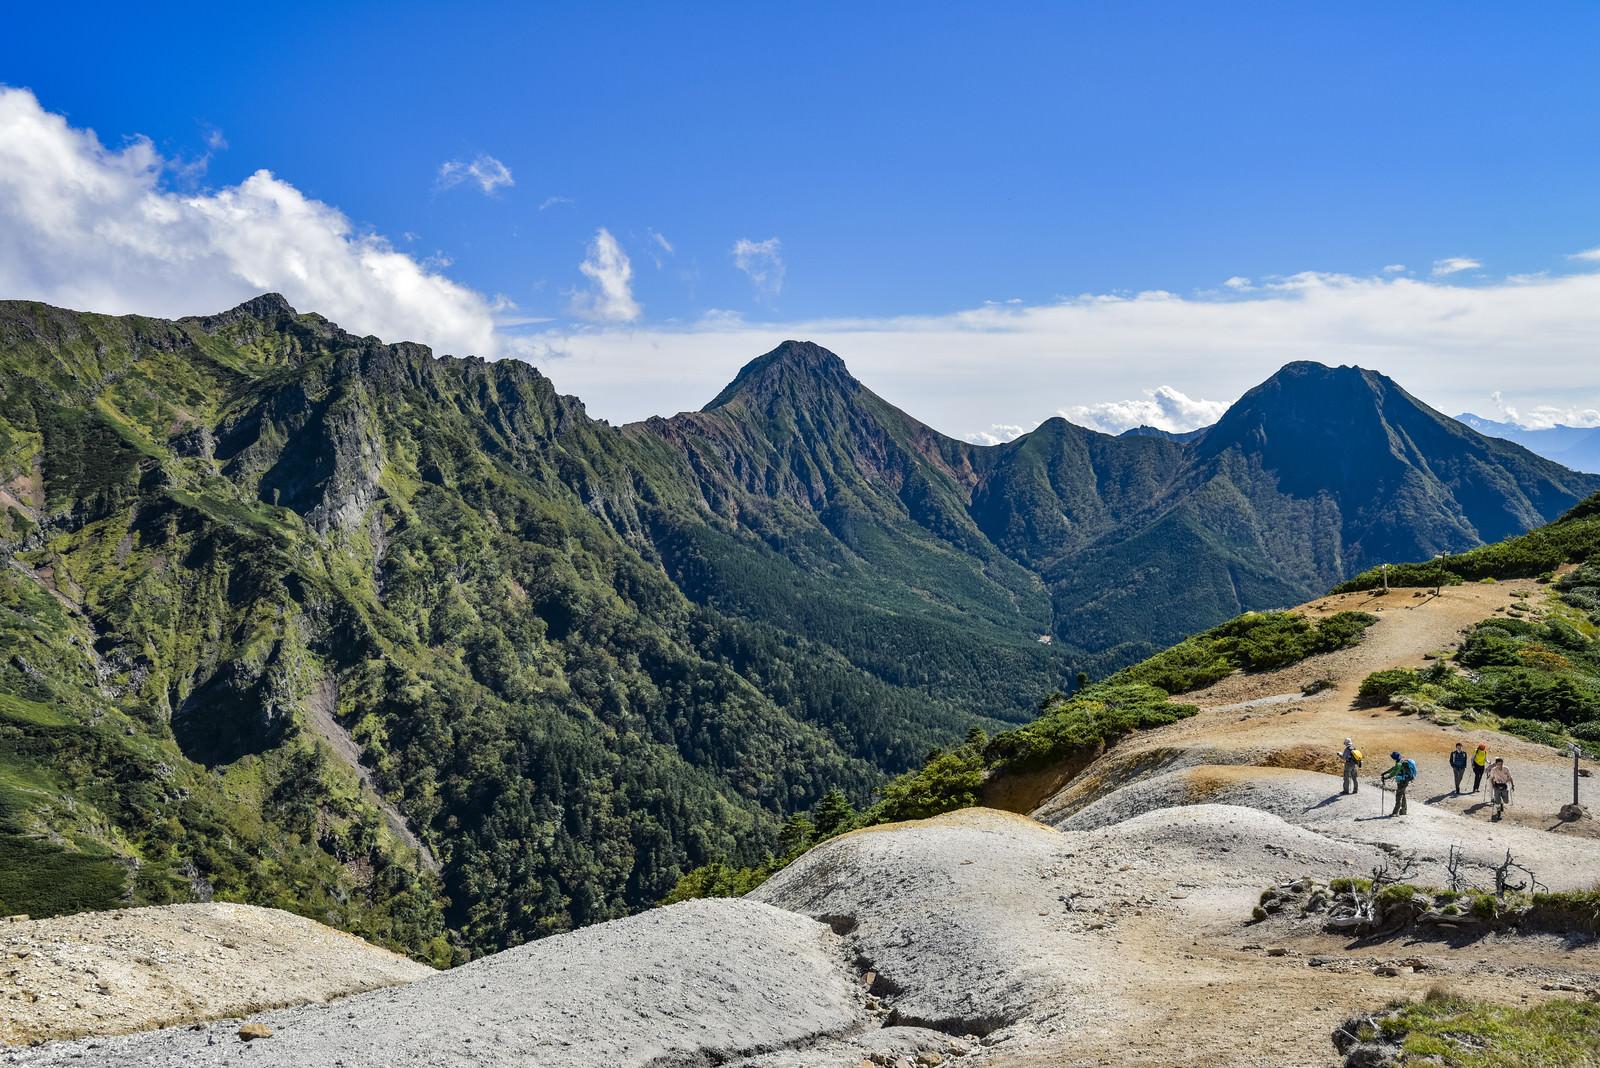 「展望の良い赤岩の頭と八ヶ岳の景色(赤岳)」の写真